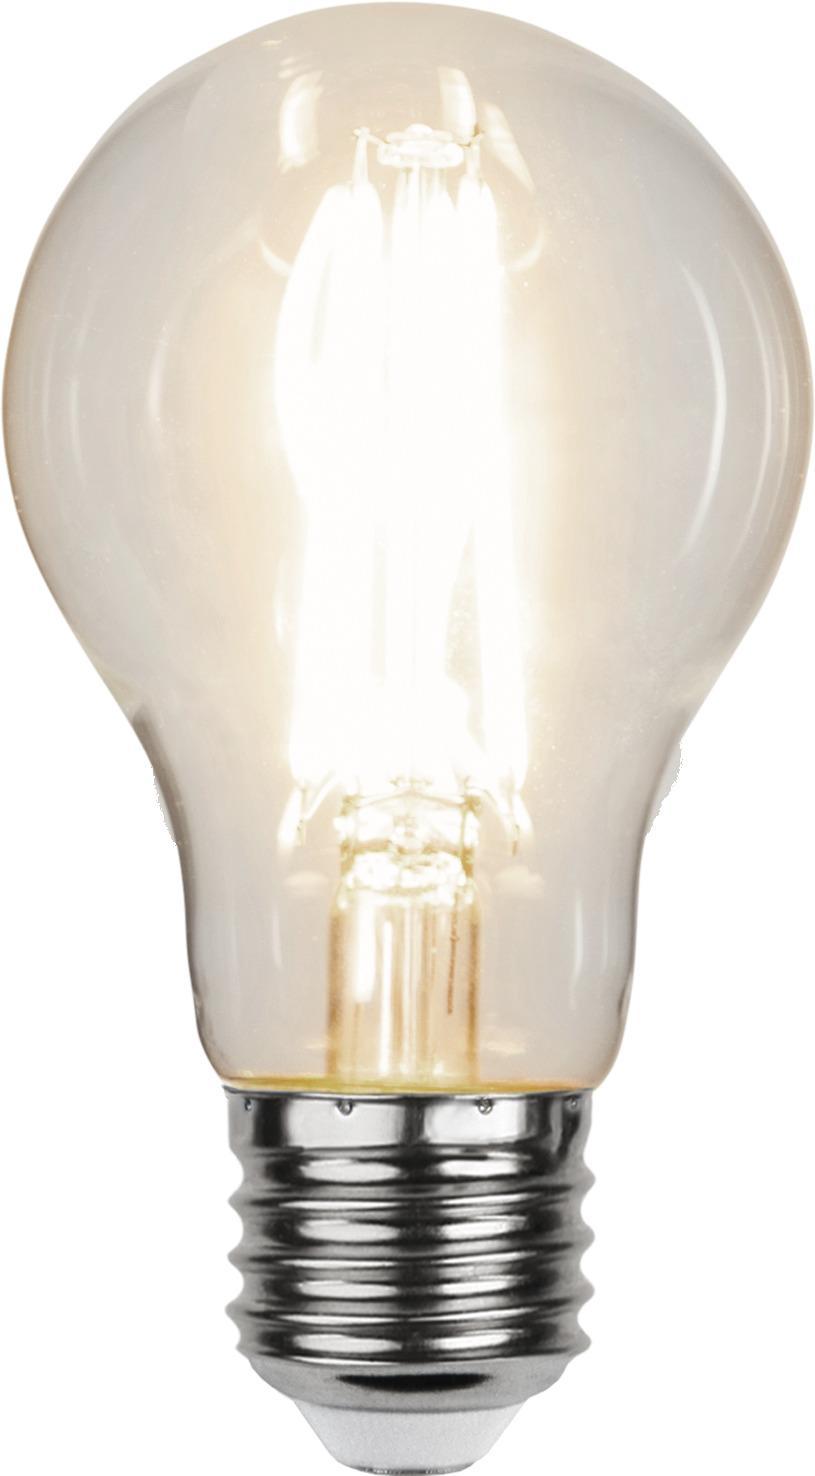 LED-LAMPA E27 A60 CLEAR 3-STEP